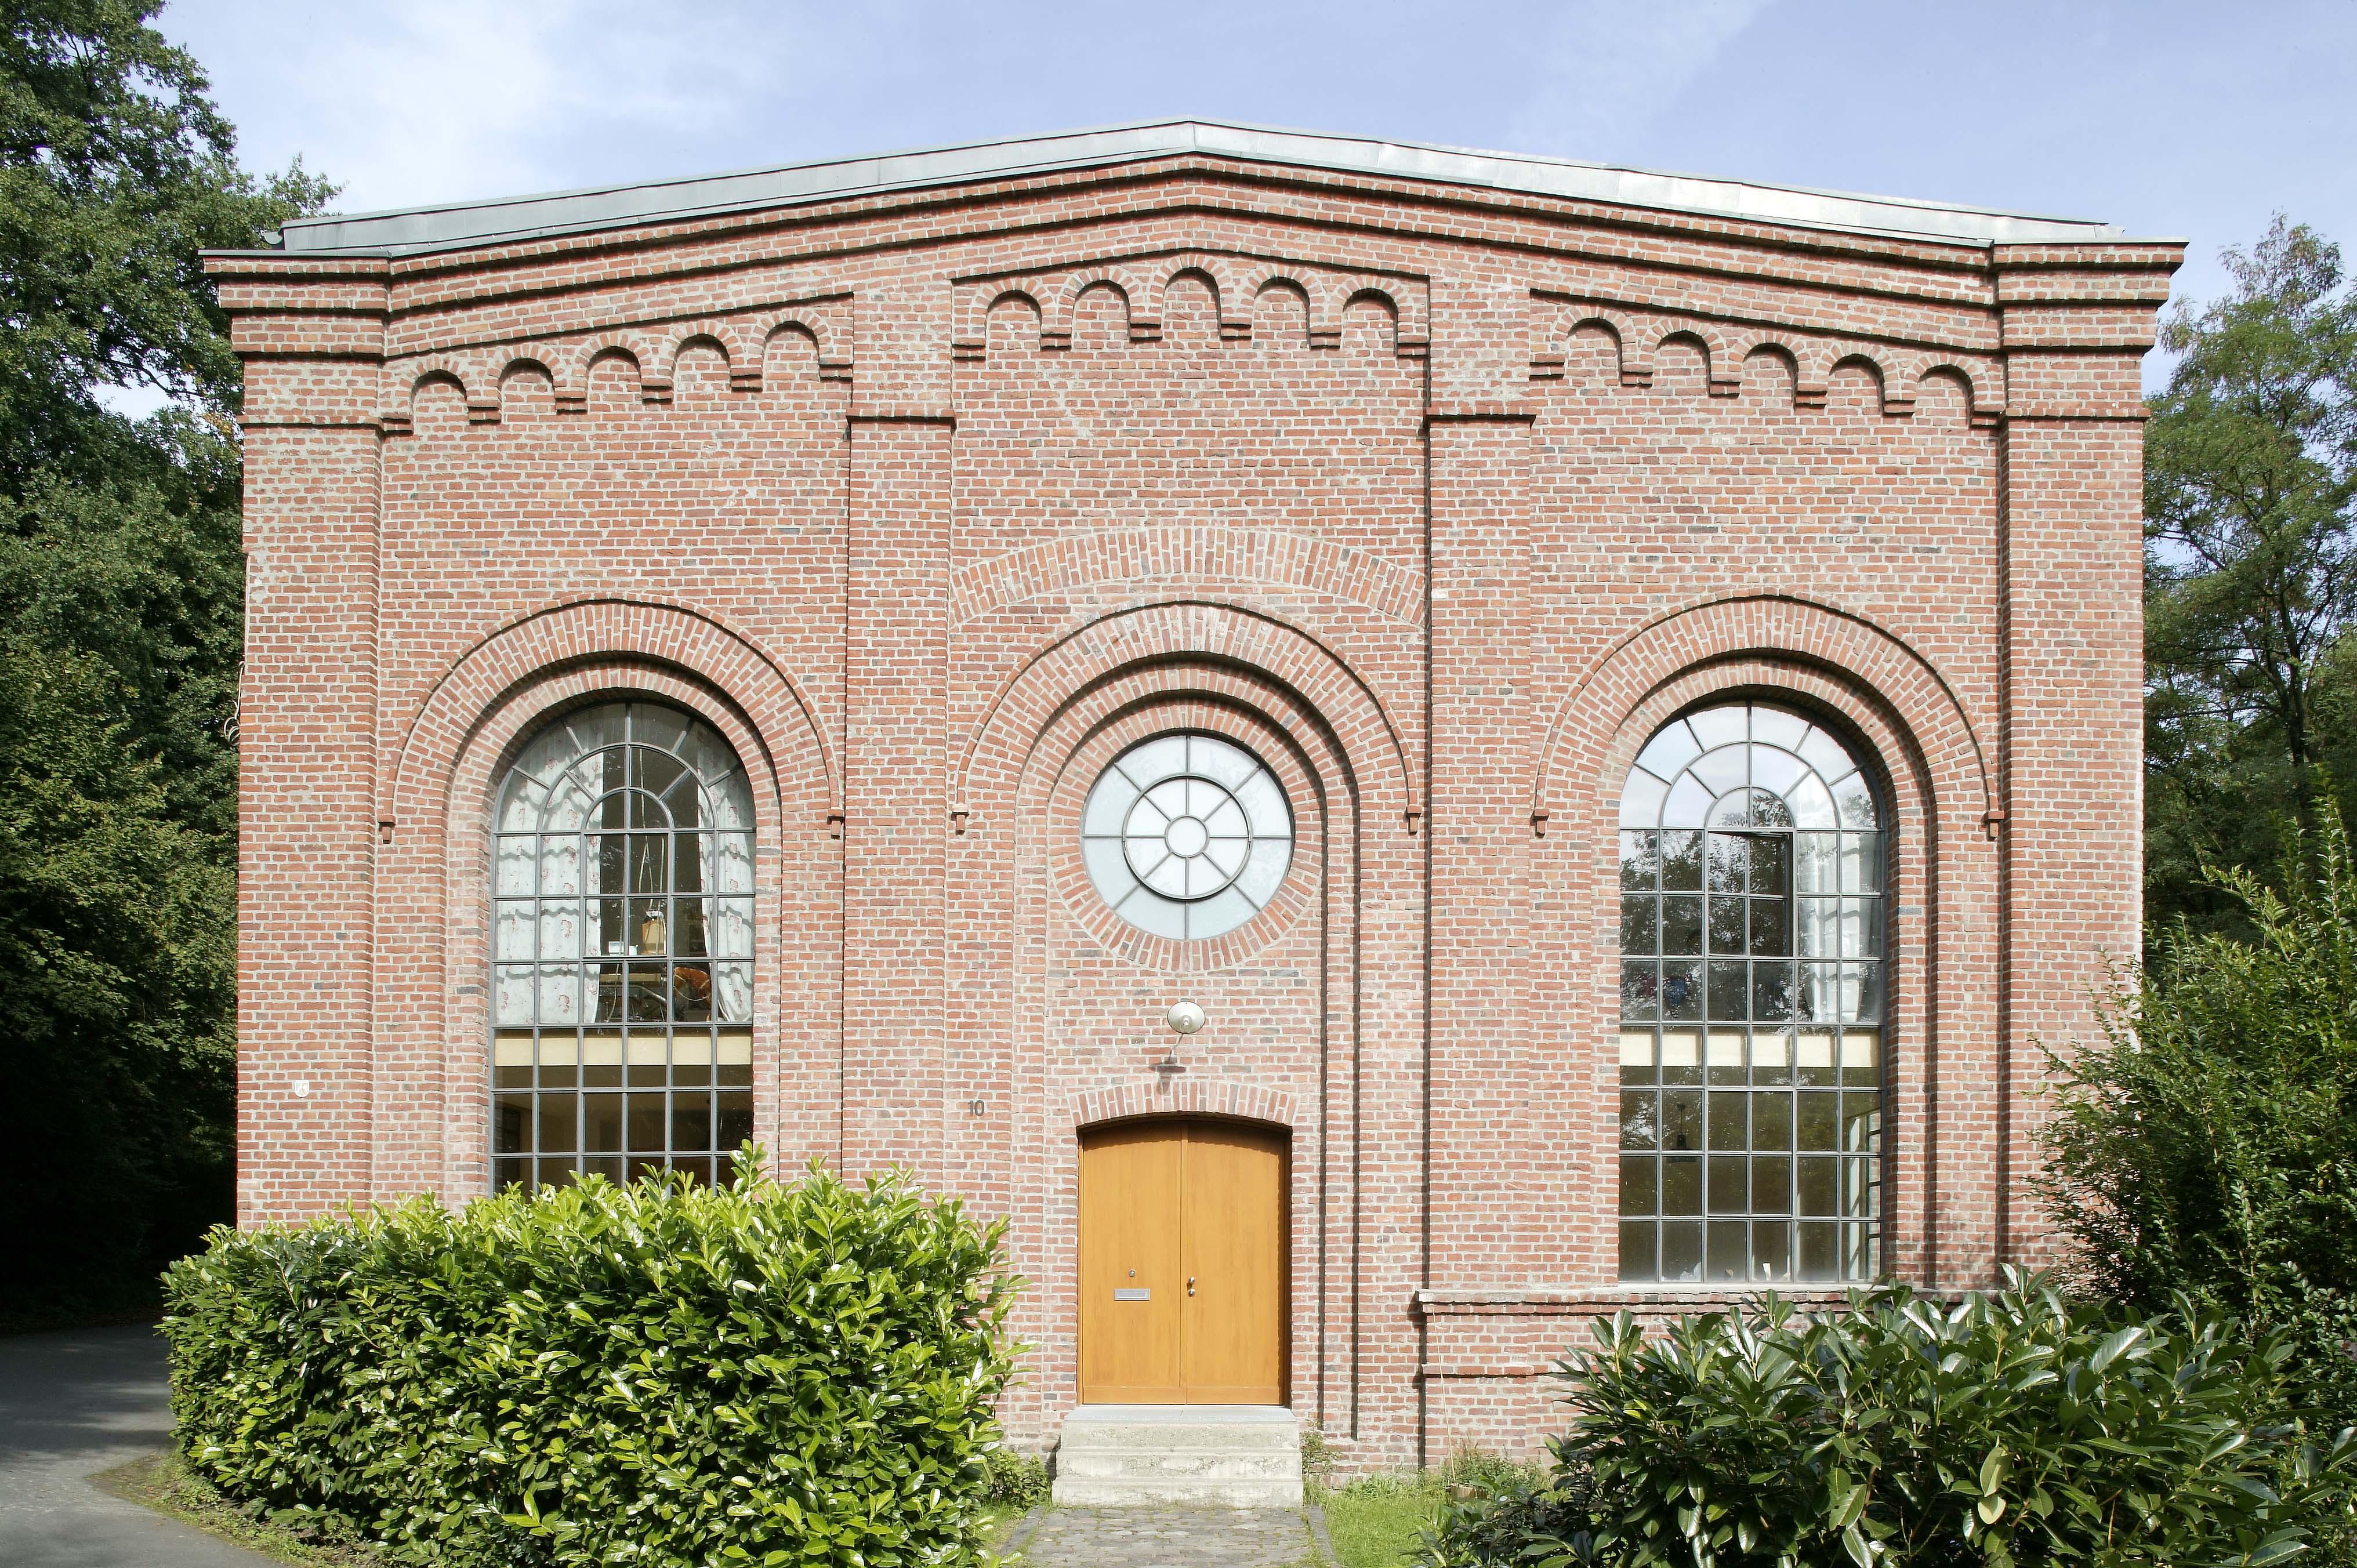 http://architektur-anders.de/wp-content/uploads/2018/05/03AU76141.jpg